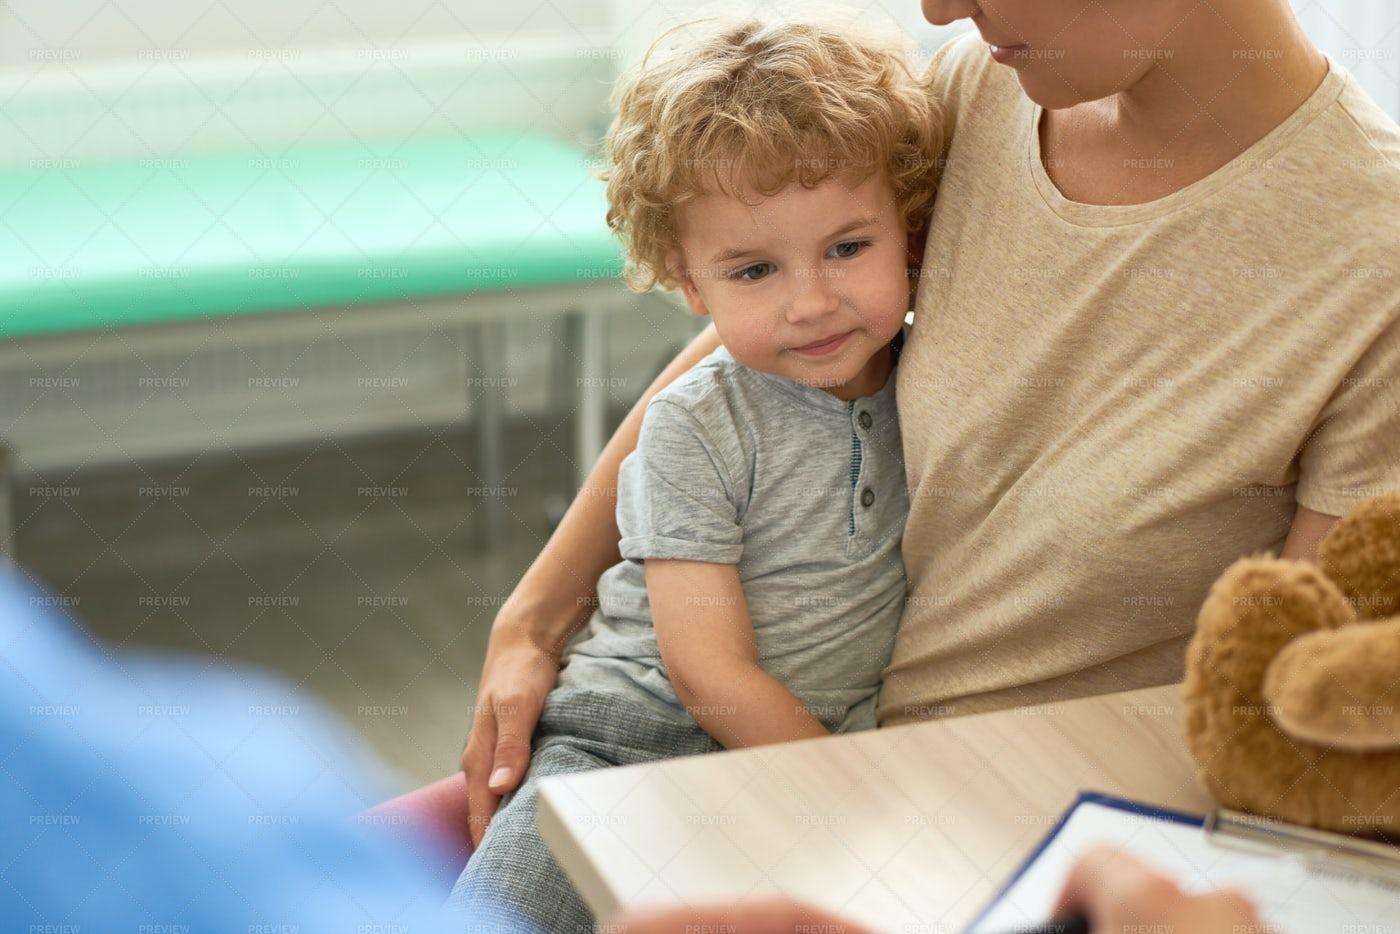 Cute Little Boy In Doctors Office: Stock Photos